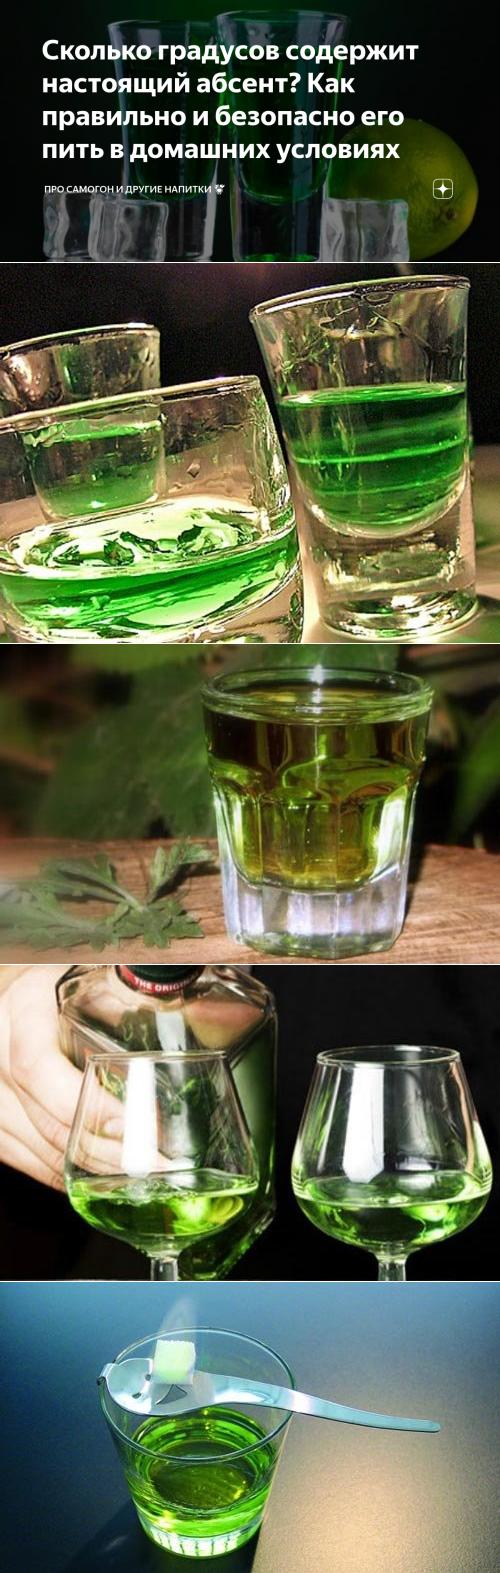 Состав абсента. сколько градусов в абсенте зеленого цвета? как употреблять абсент - samchef.ru